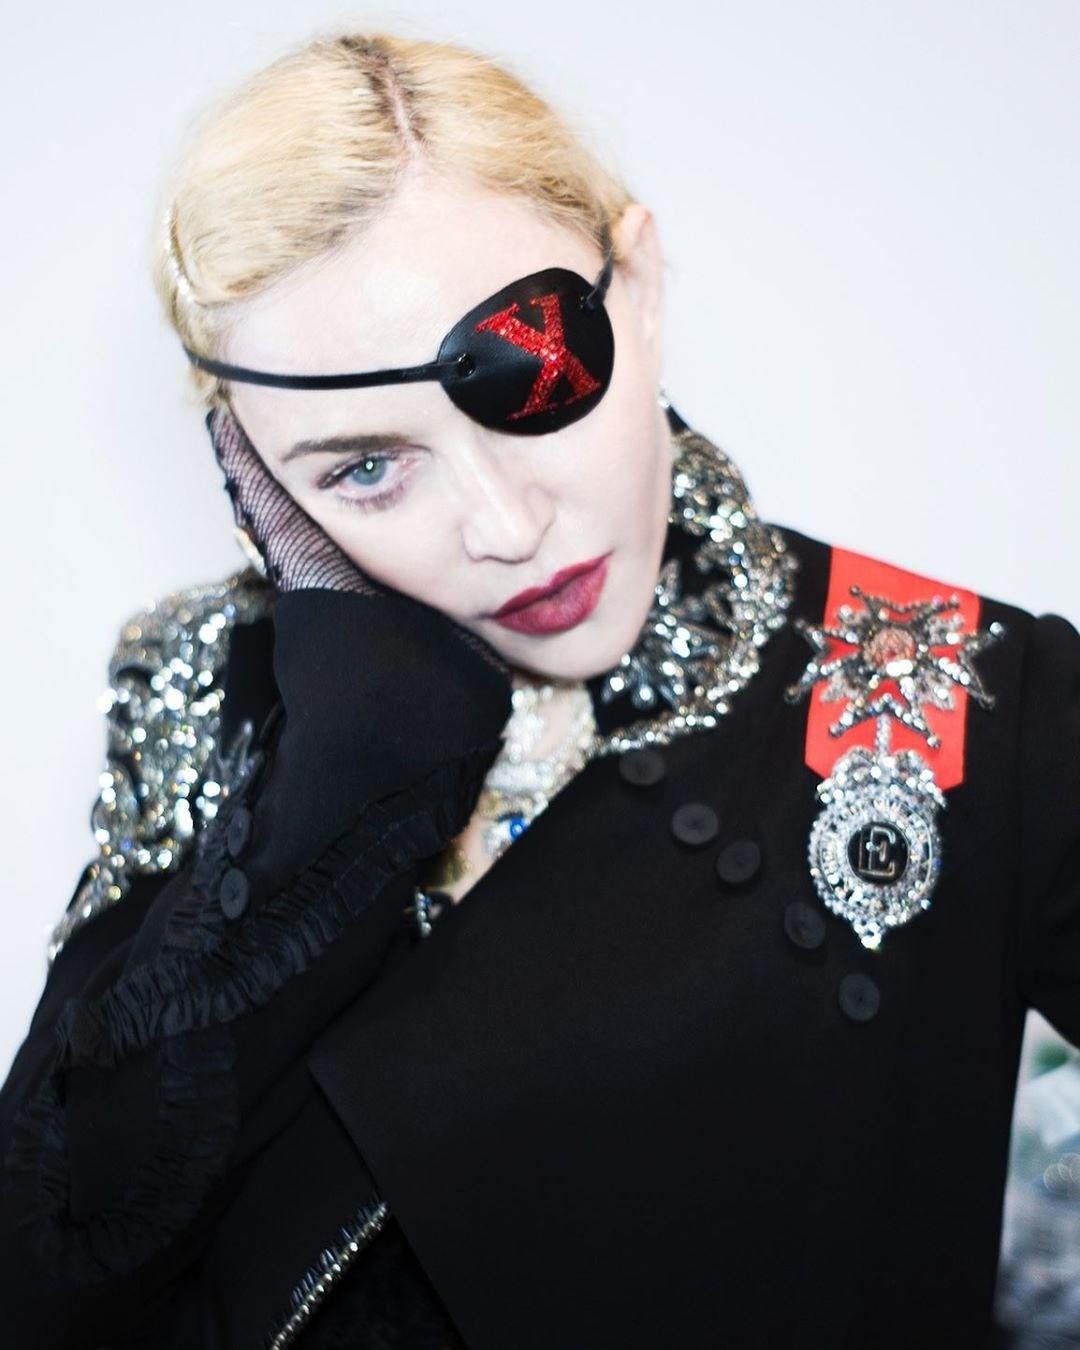 Мадонна почувствовала себя изнасилованной после того, как прочитала статью о себе